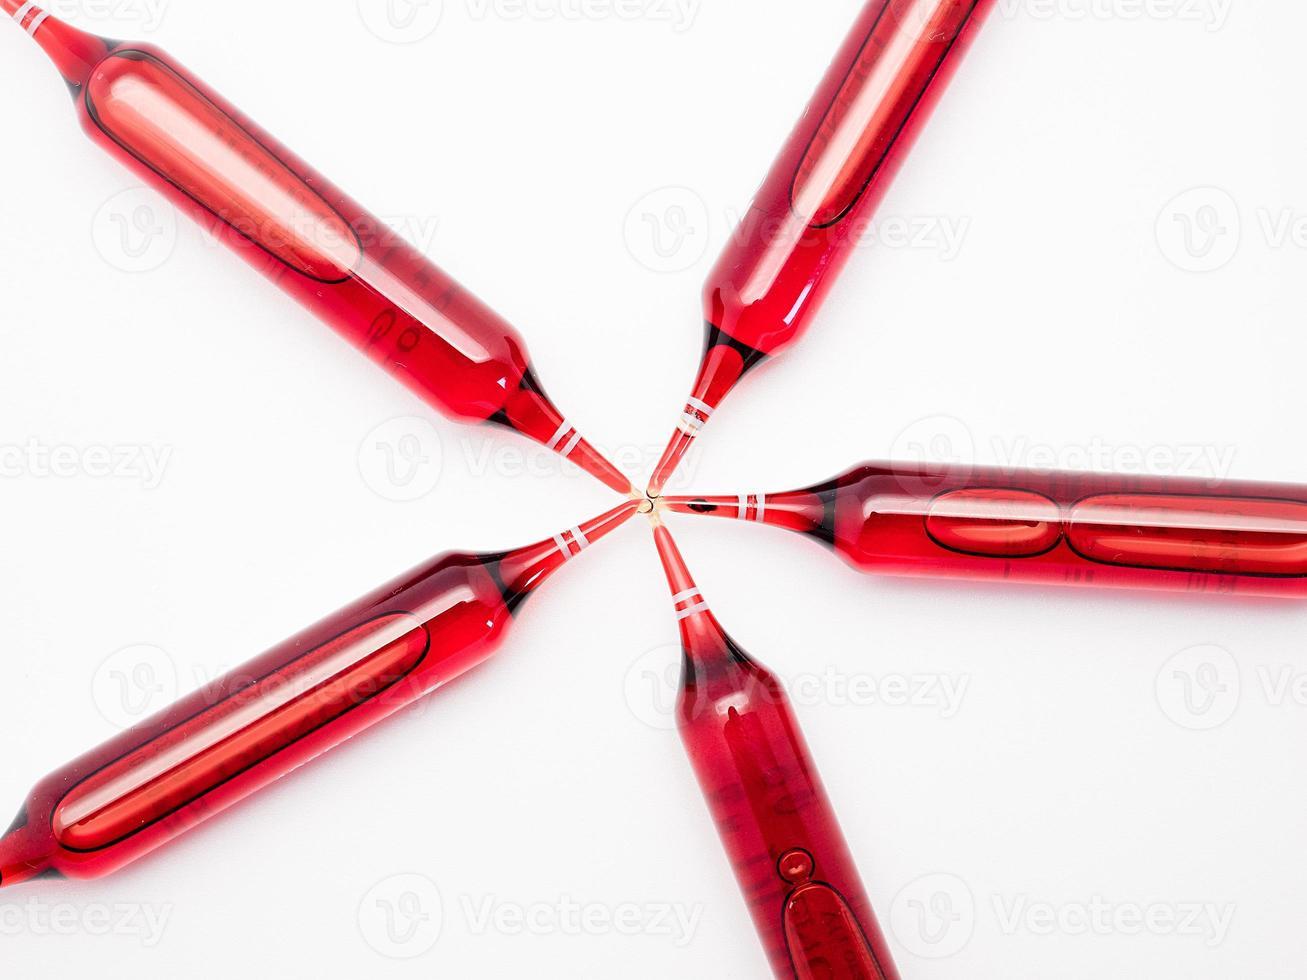 ampoules rouges. ensemble d'ampoules isolé sur fond blanc photo